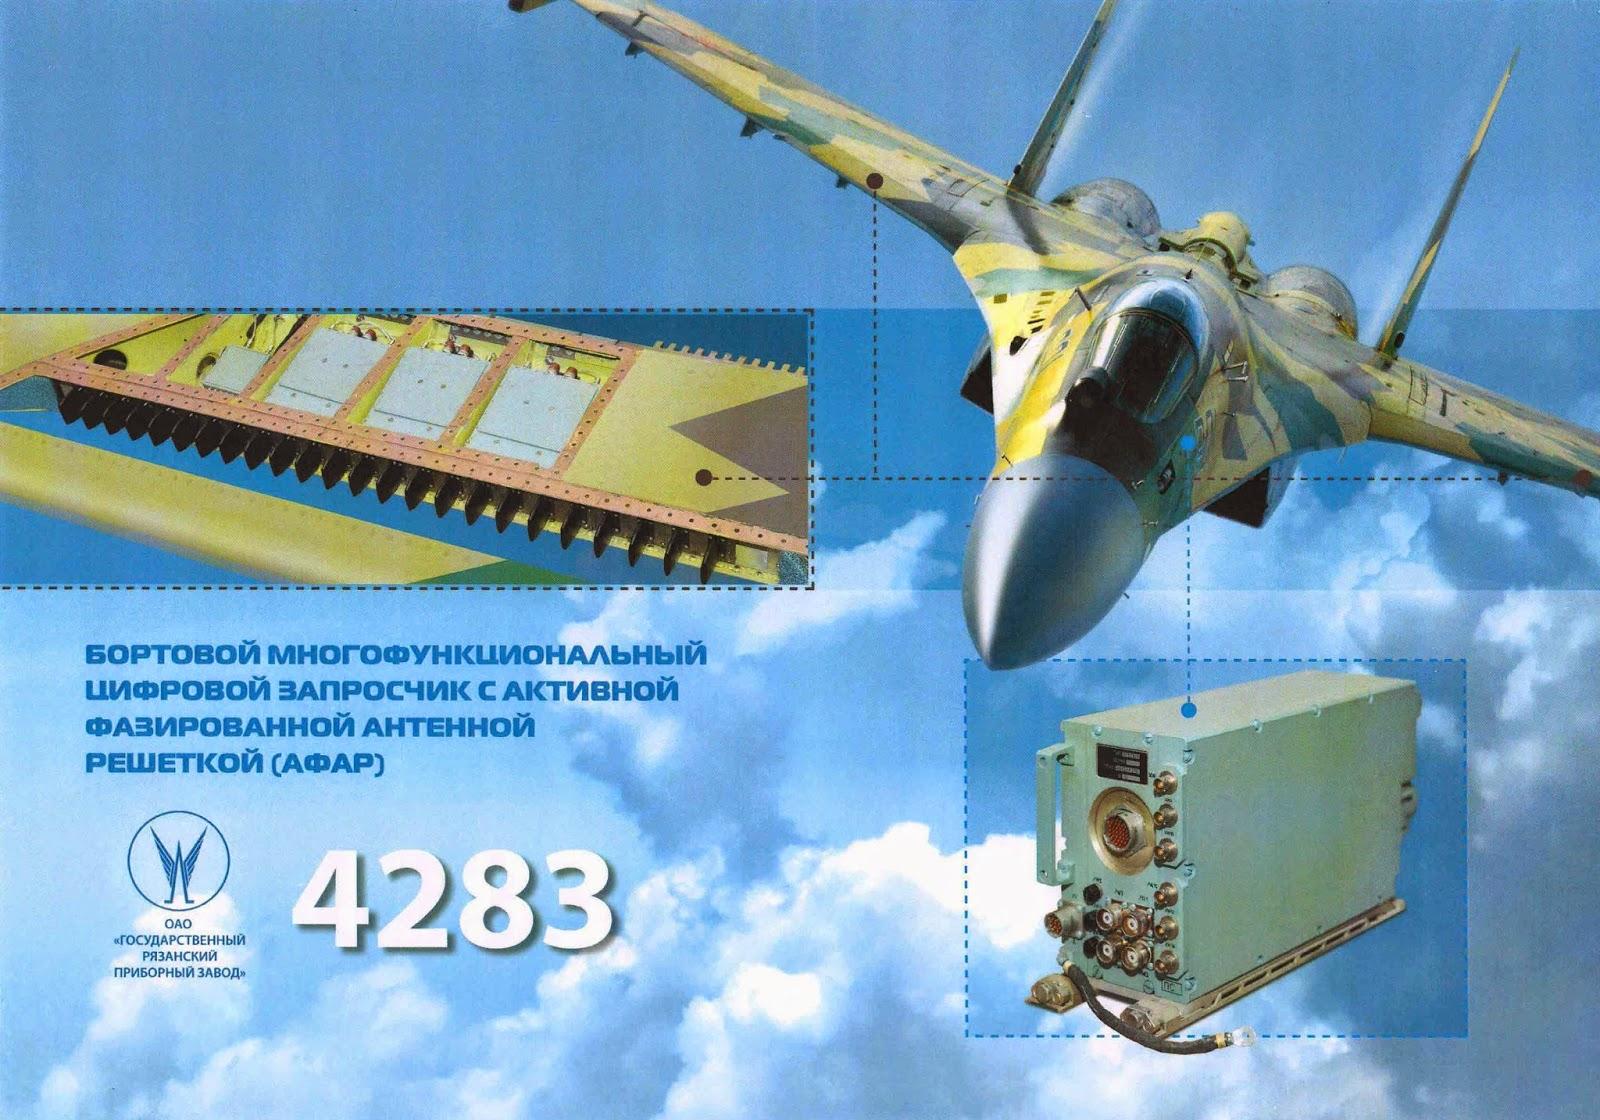 Novedades Sukhoi SU-35 Su-35%2Bradar%2Bbanda%2BL